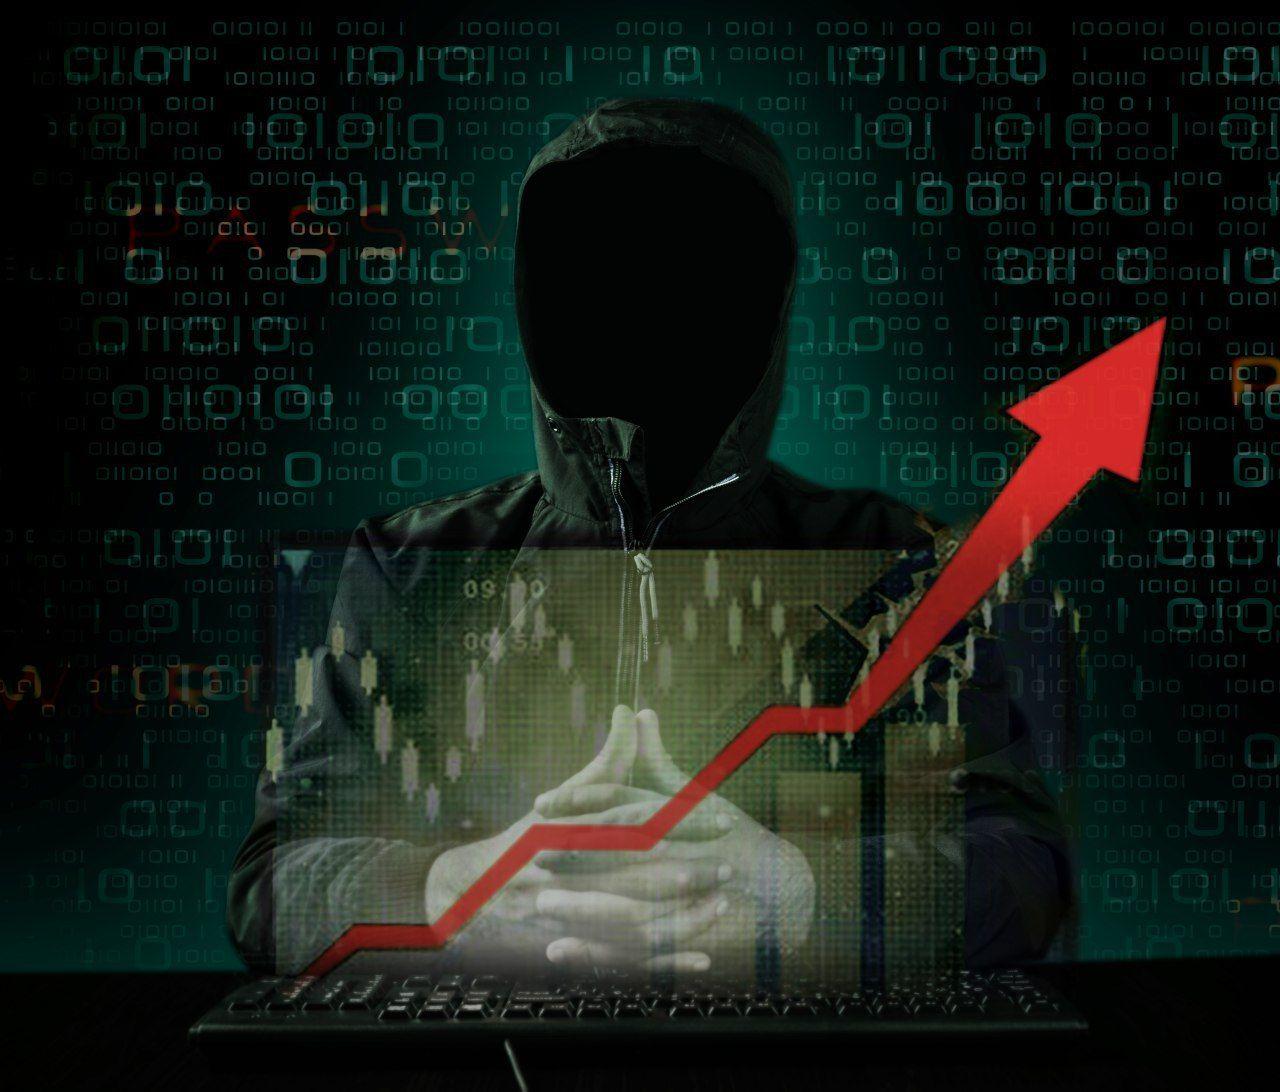 공개된 정보를 나만의 수익으로 연결하는 법(1) - 전자공시편